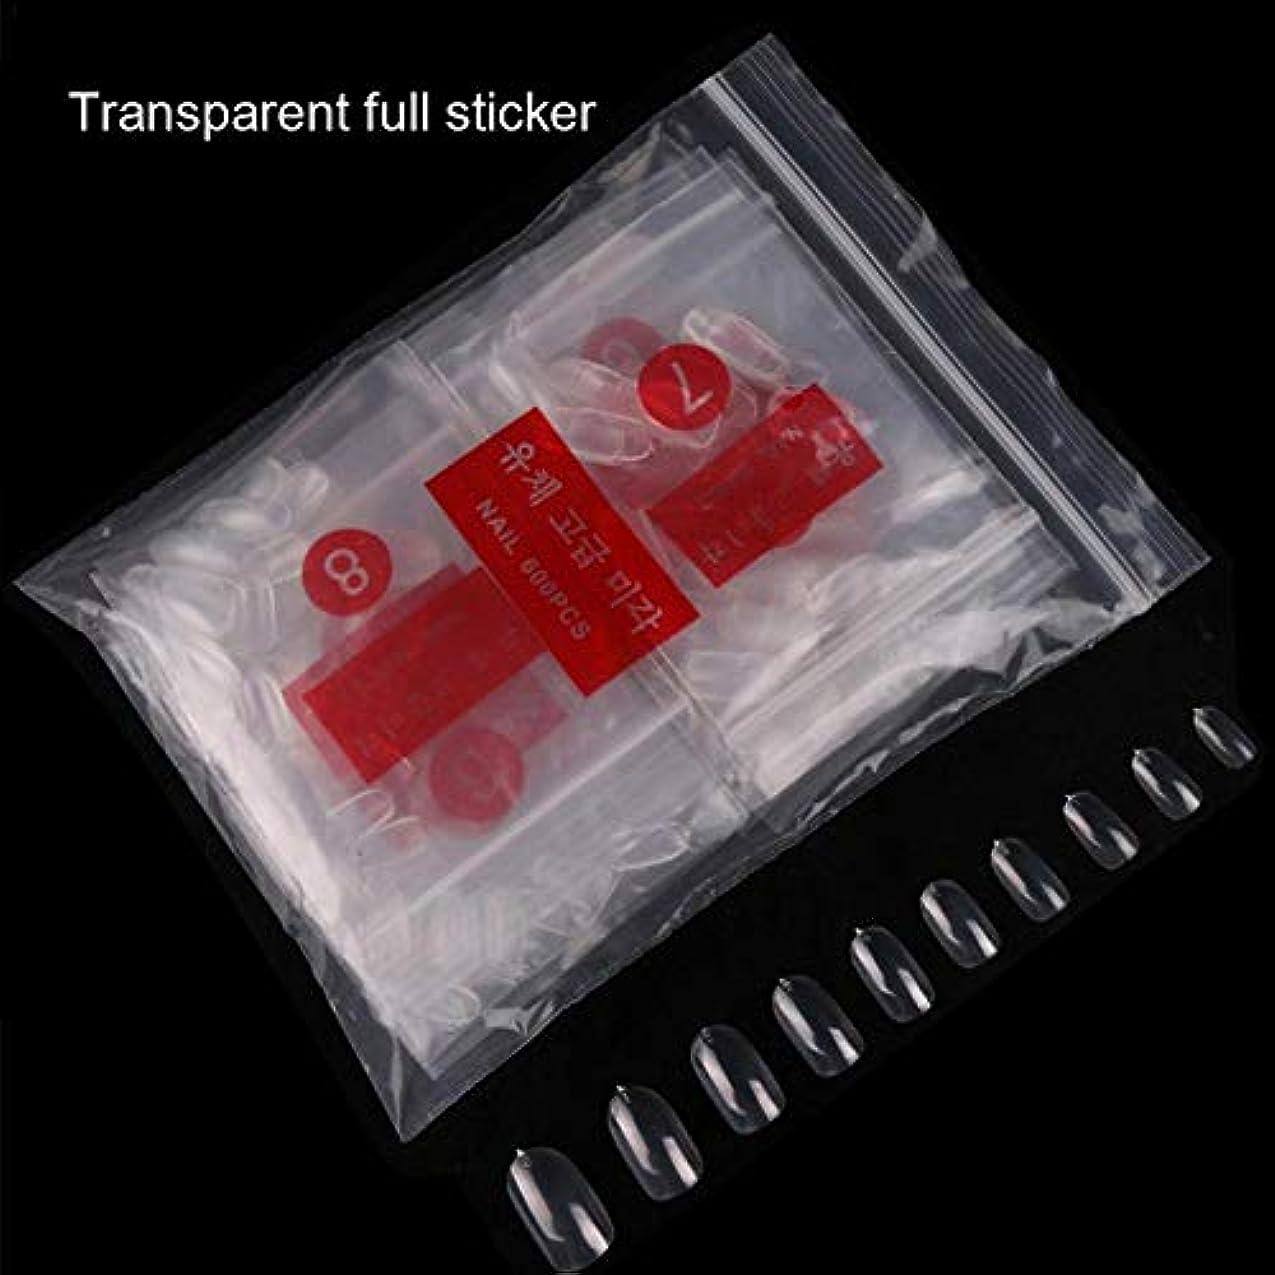 レクリエーション呼吸本ネイルチップ つけ爪 練習用 爪にピッタリ ネイル用品 デコレーション 無地 付け爪 卵形 短い 600枚入れ